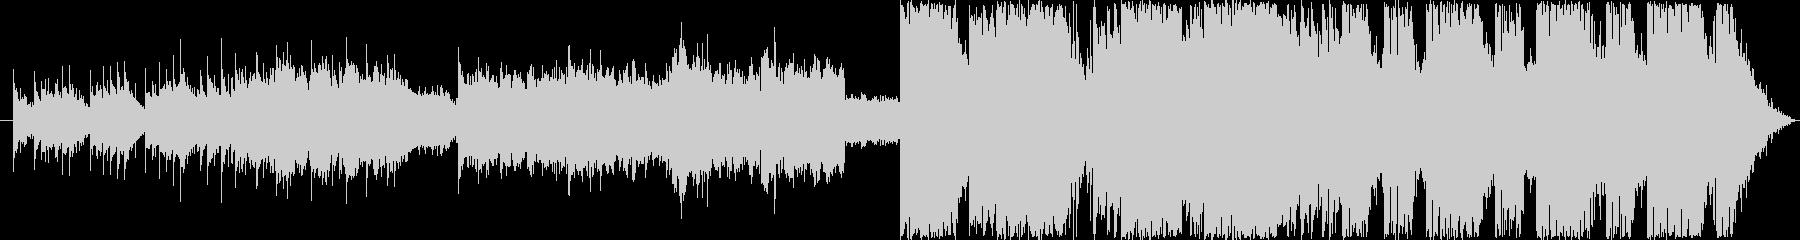 ダークでサイバーな映像的なBGMの未再生の波形